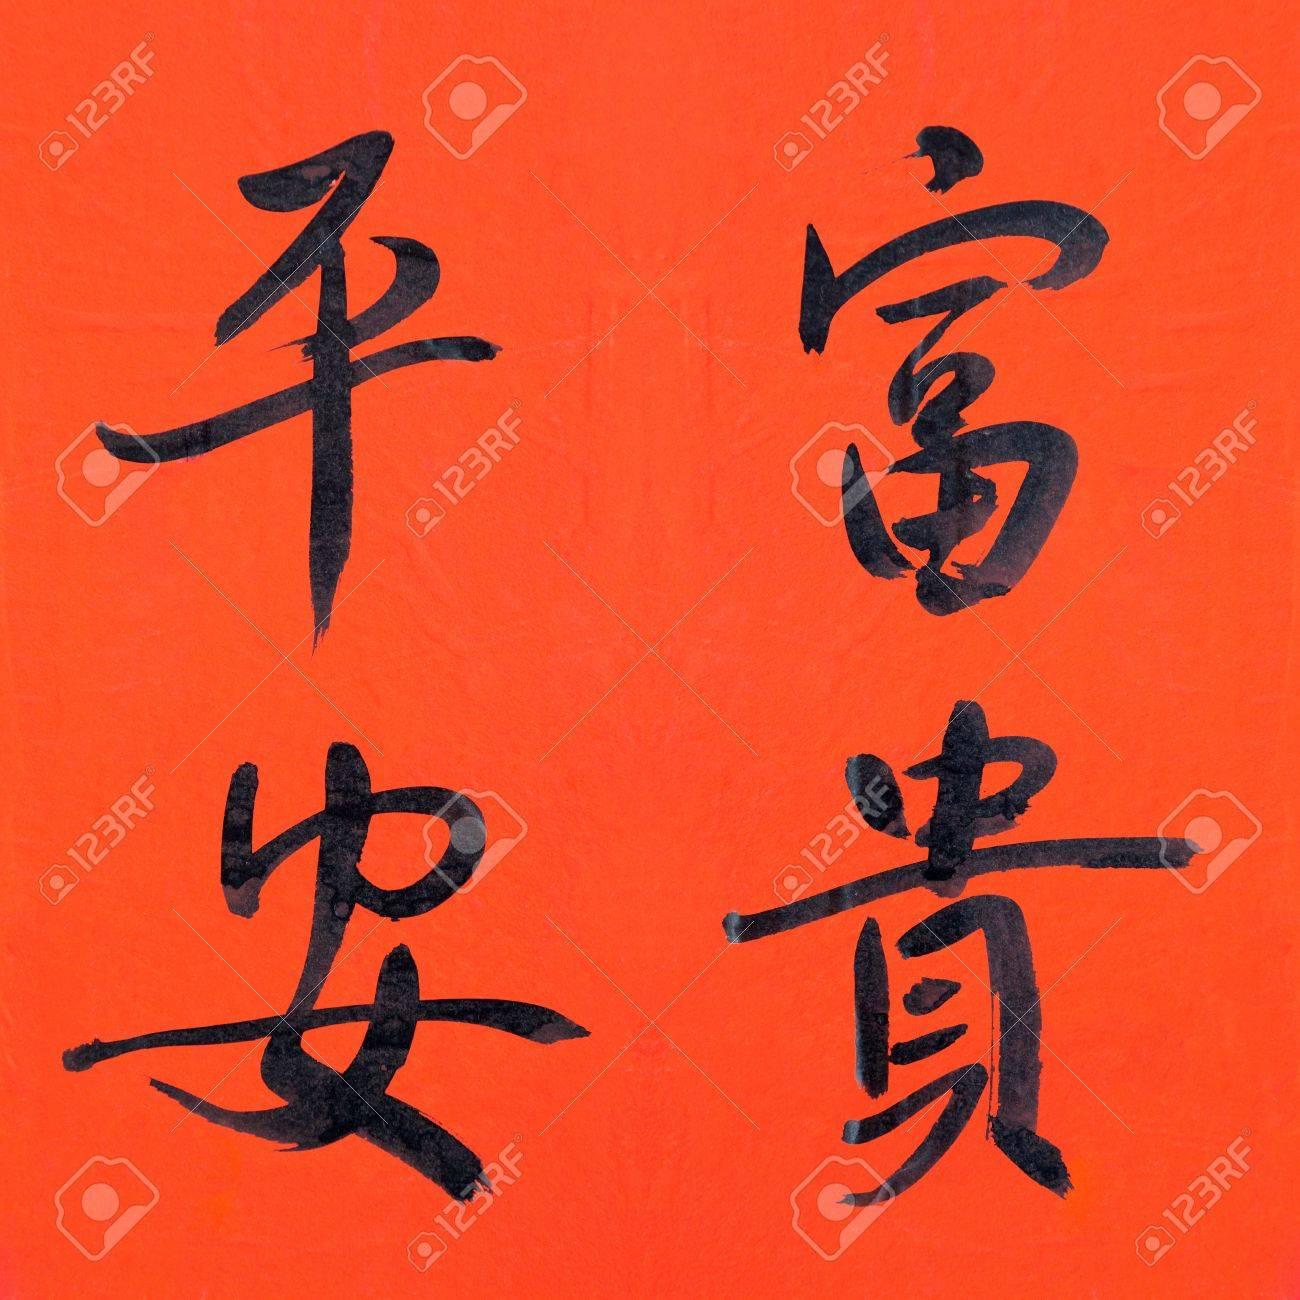 Handschrift chinesische Schriftzeichen Grußworten in Chinesisch, bedeutet Reichtum und Frieden